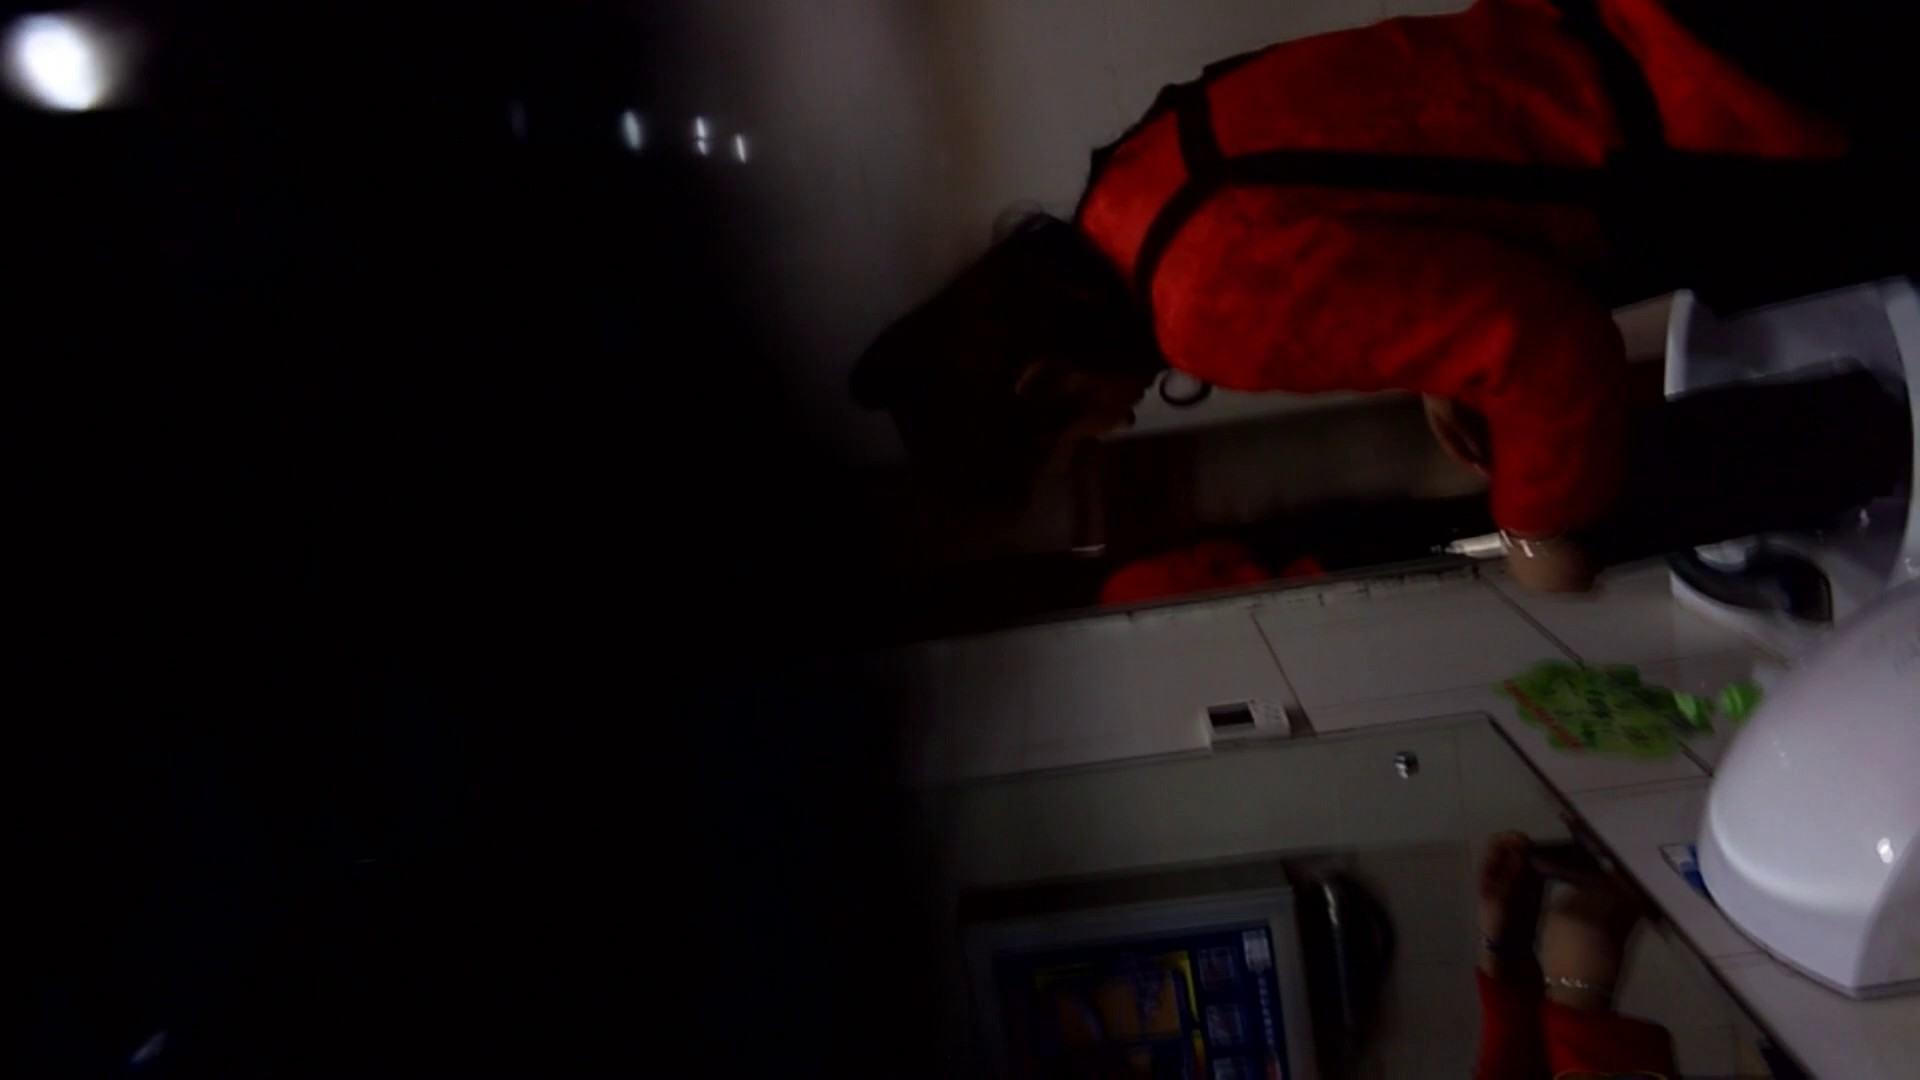 芸術大学ガチ潜入盗撮 JD盗撮 美女の洗面所の秘密 Vol.105 潜入 覗きおまんこ画像 29pic 22